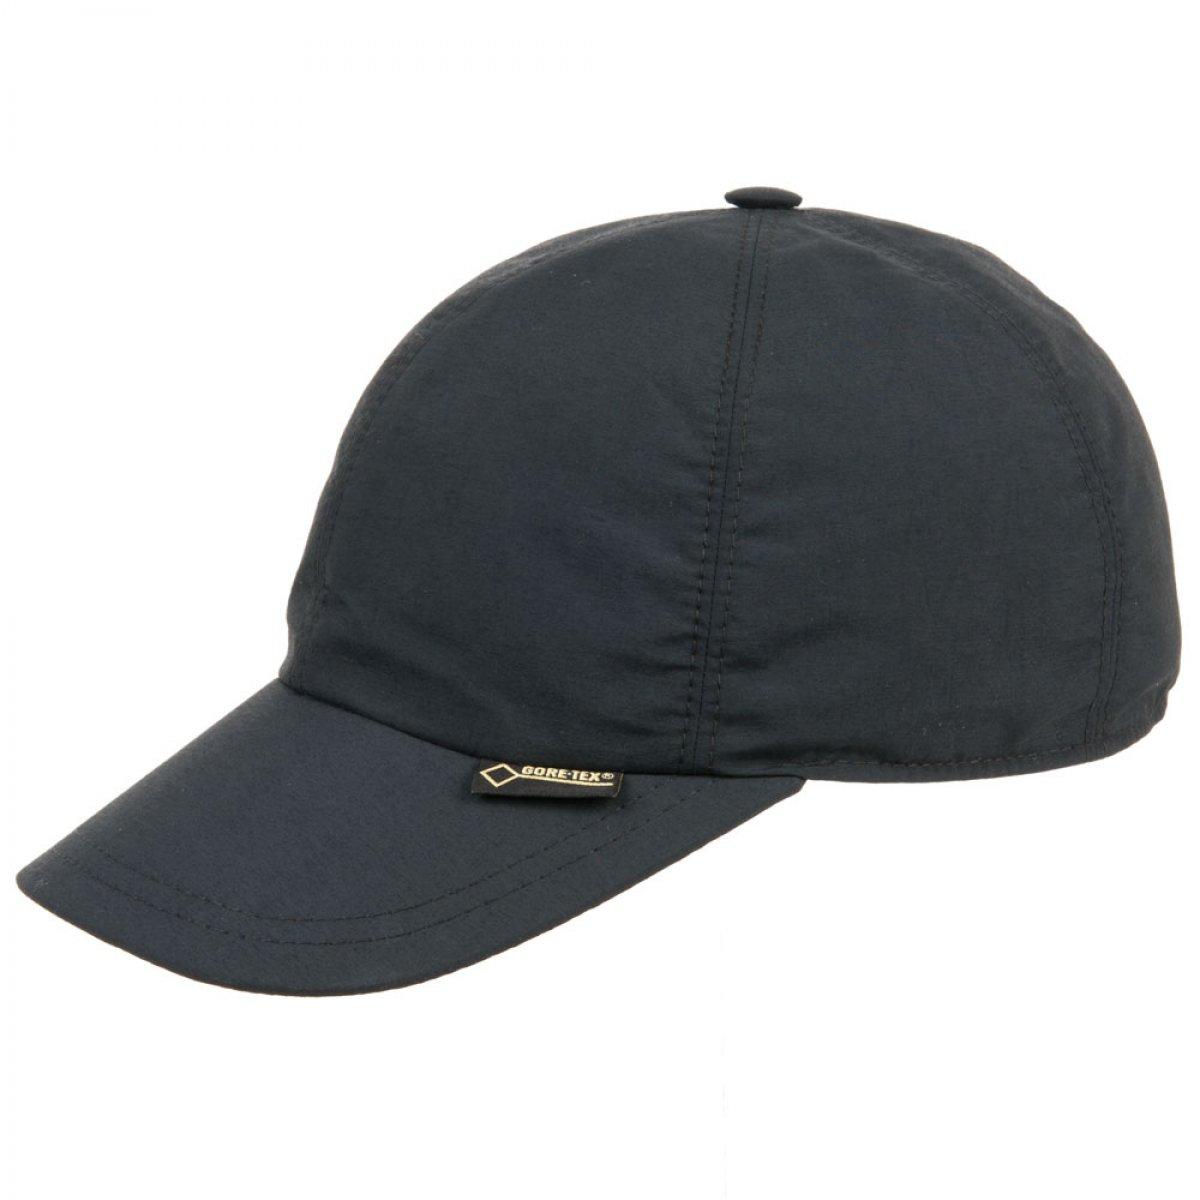 vendita outlet presa all'ingrosso designer nuovo e usato Cappello con visiera qualità GORETEX